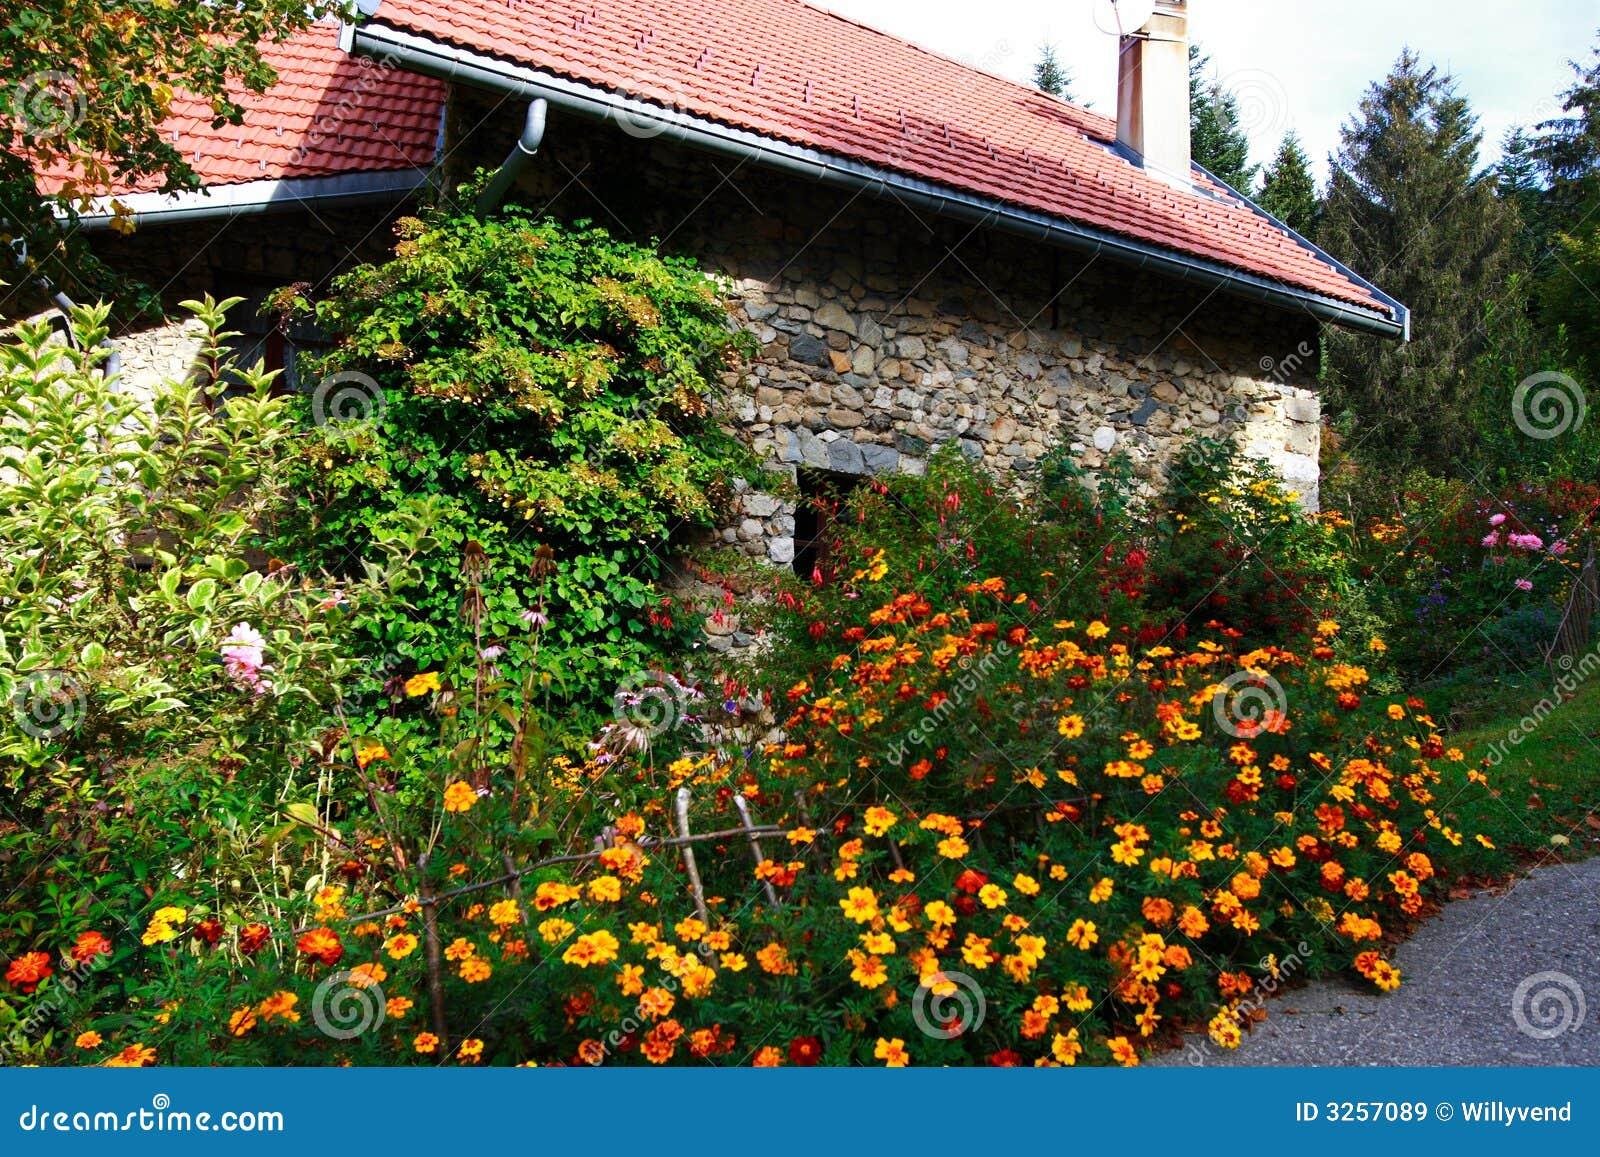 Maison en pierre fleurie images libres de droits image for Jardin maison de campagne